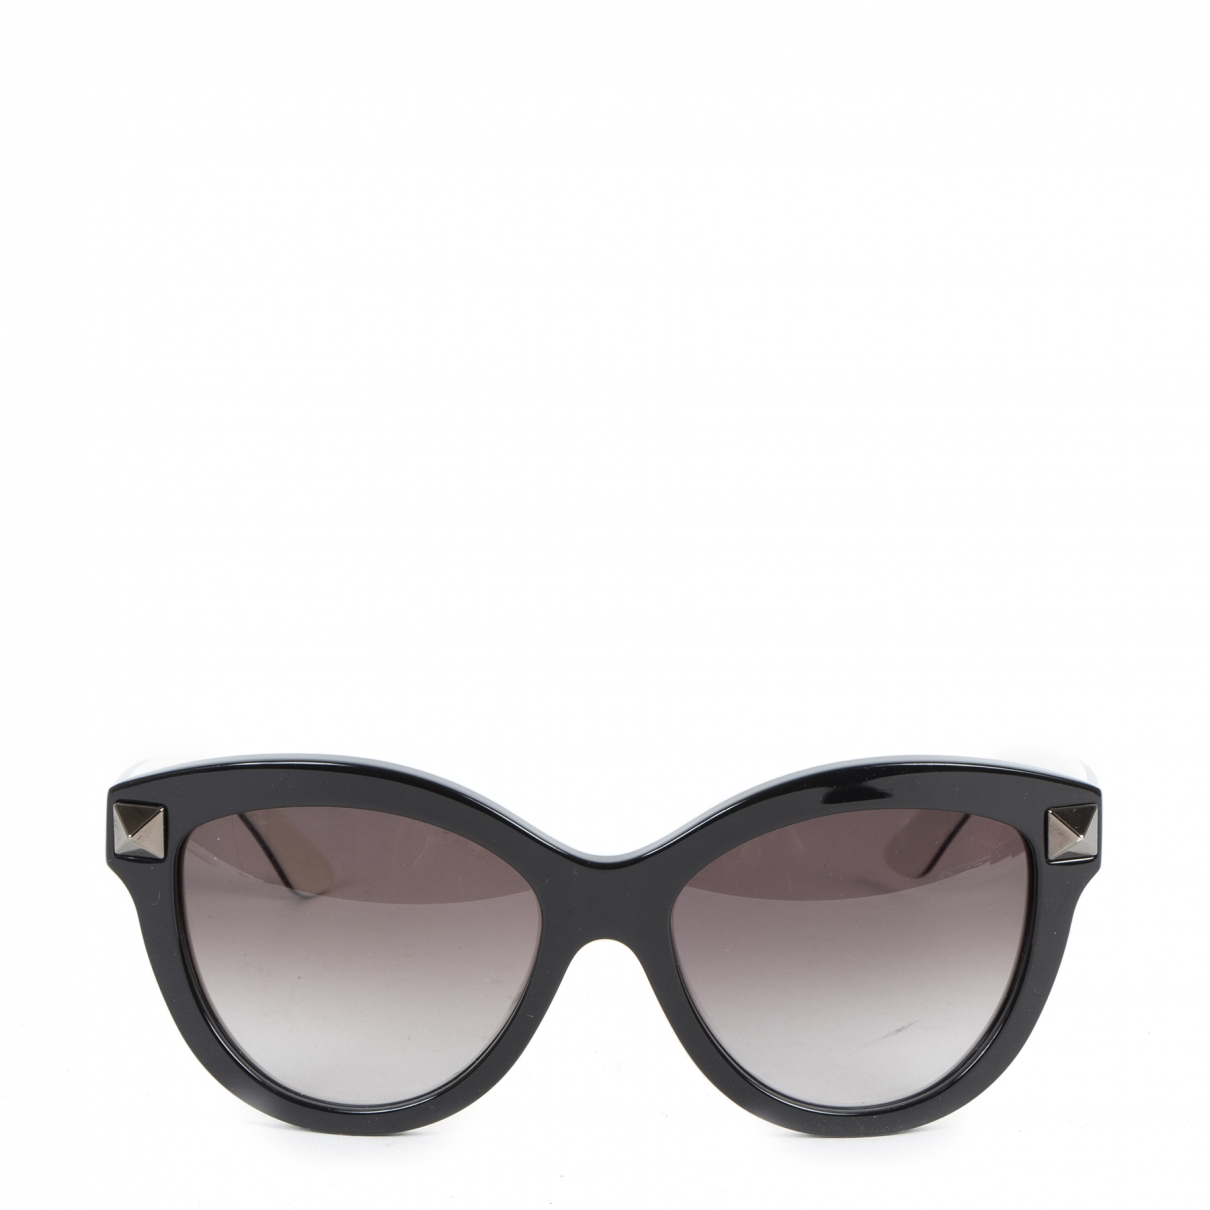 Gafas Valentino Garavani